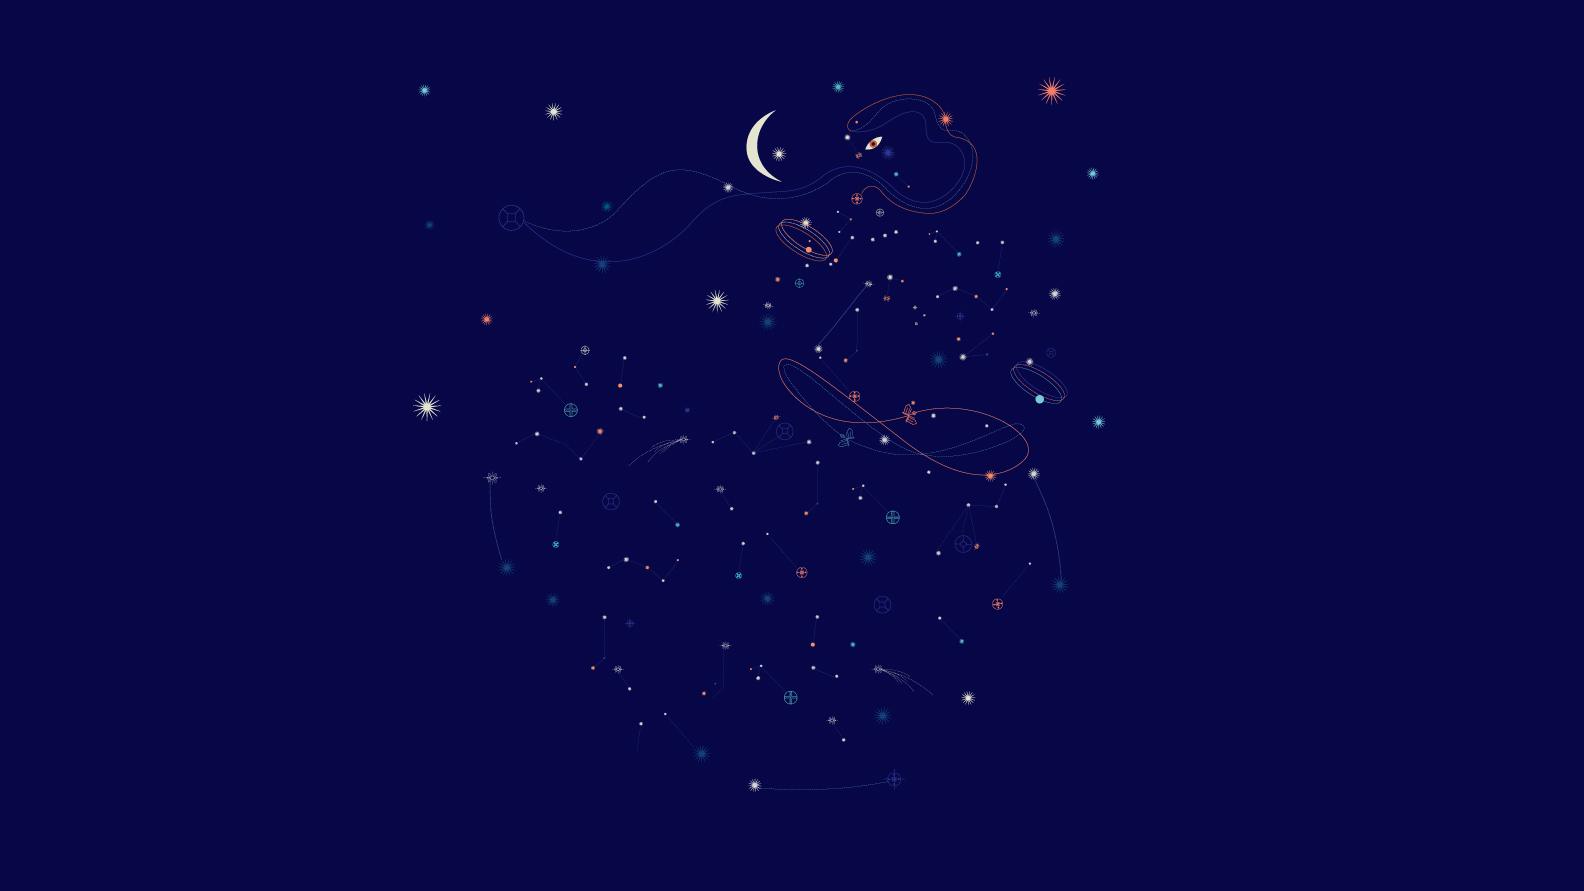 coras_universo